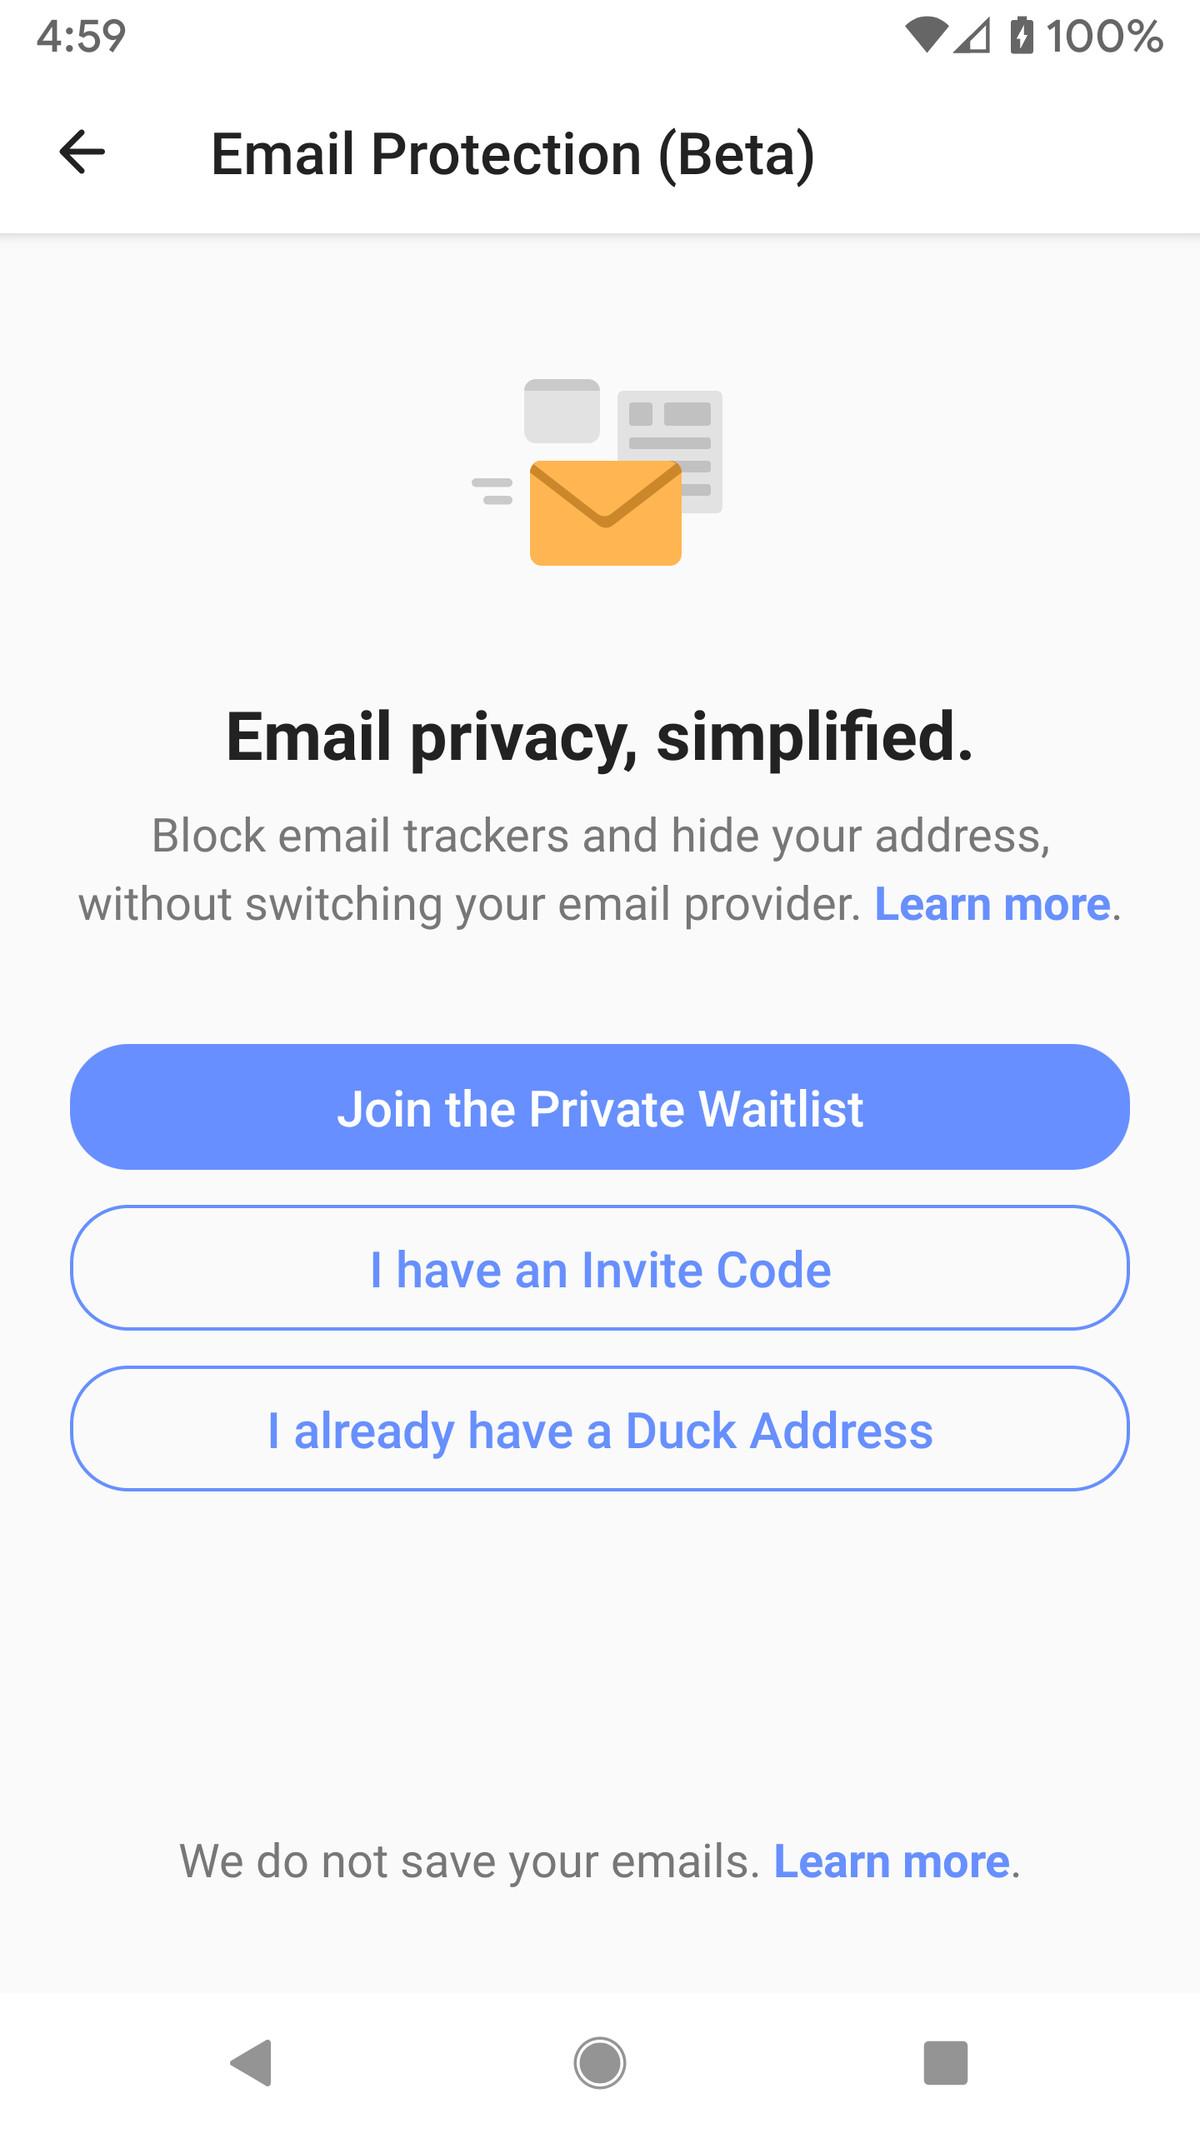 Jūs varat reģistrēties e-pasta aizsardzībai vai izmantot savu iepriekš reģistrēto Duck adresi.